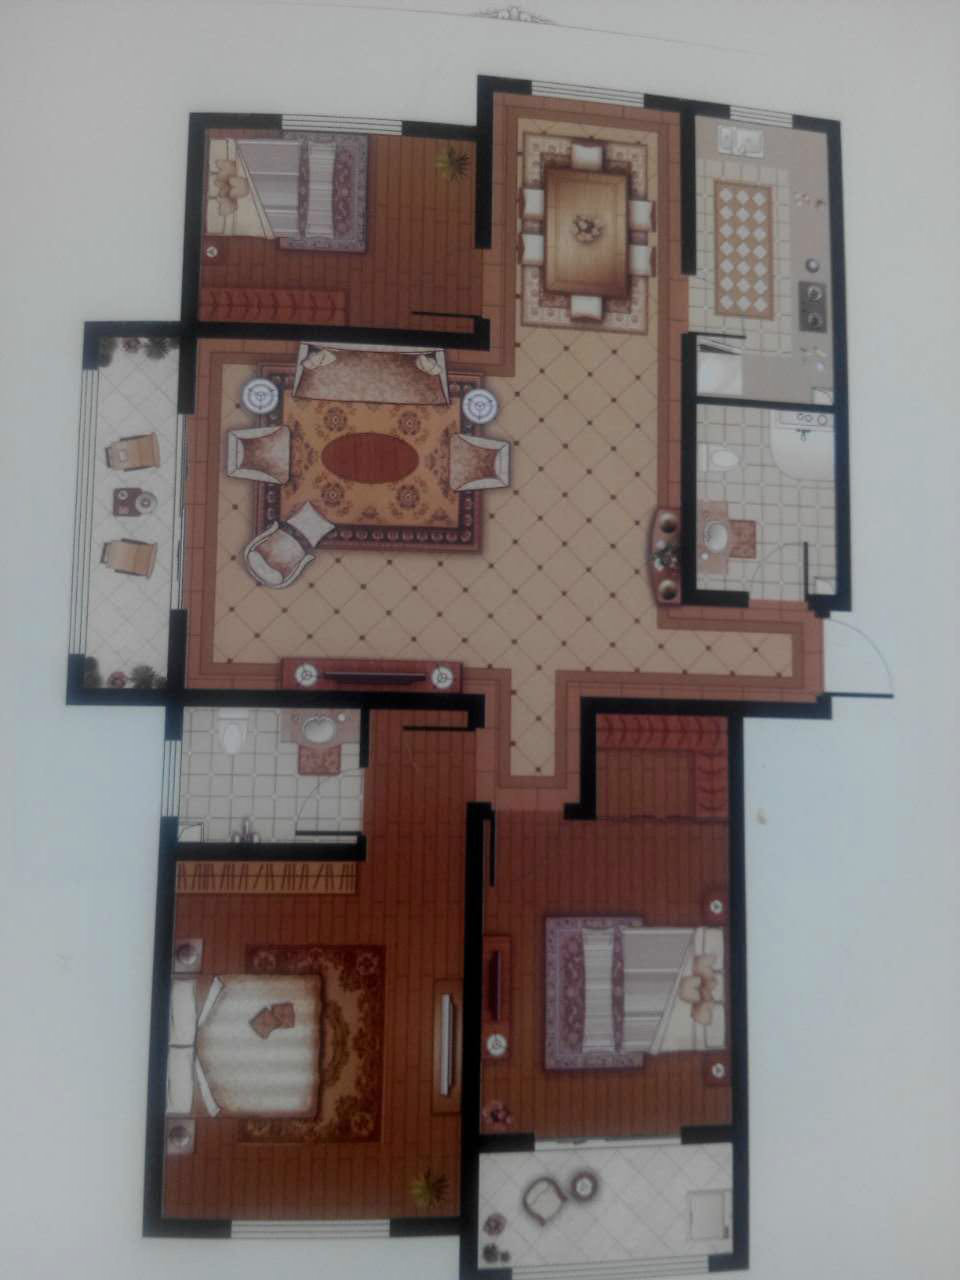 东海香港城 3室2厅 双证齐全 毛坯 150万